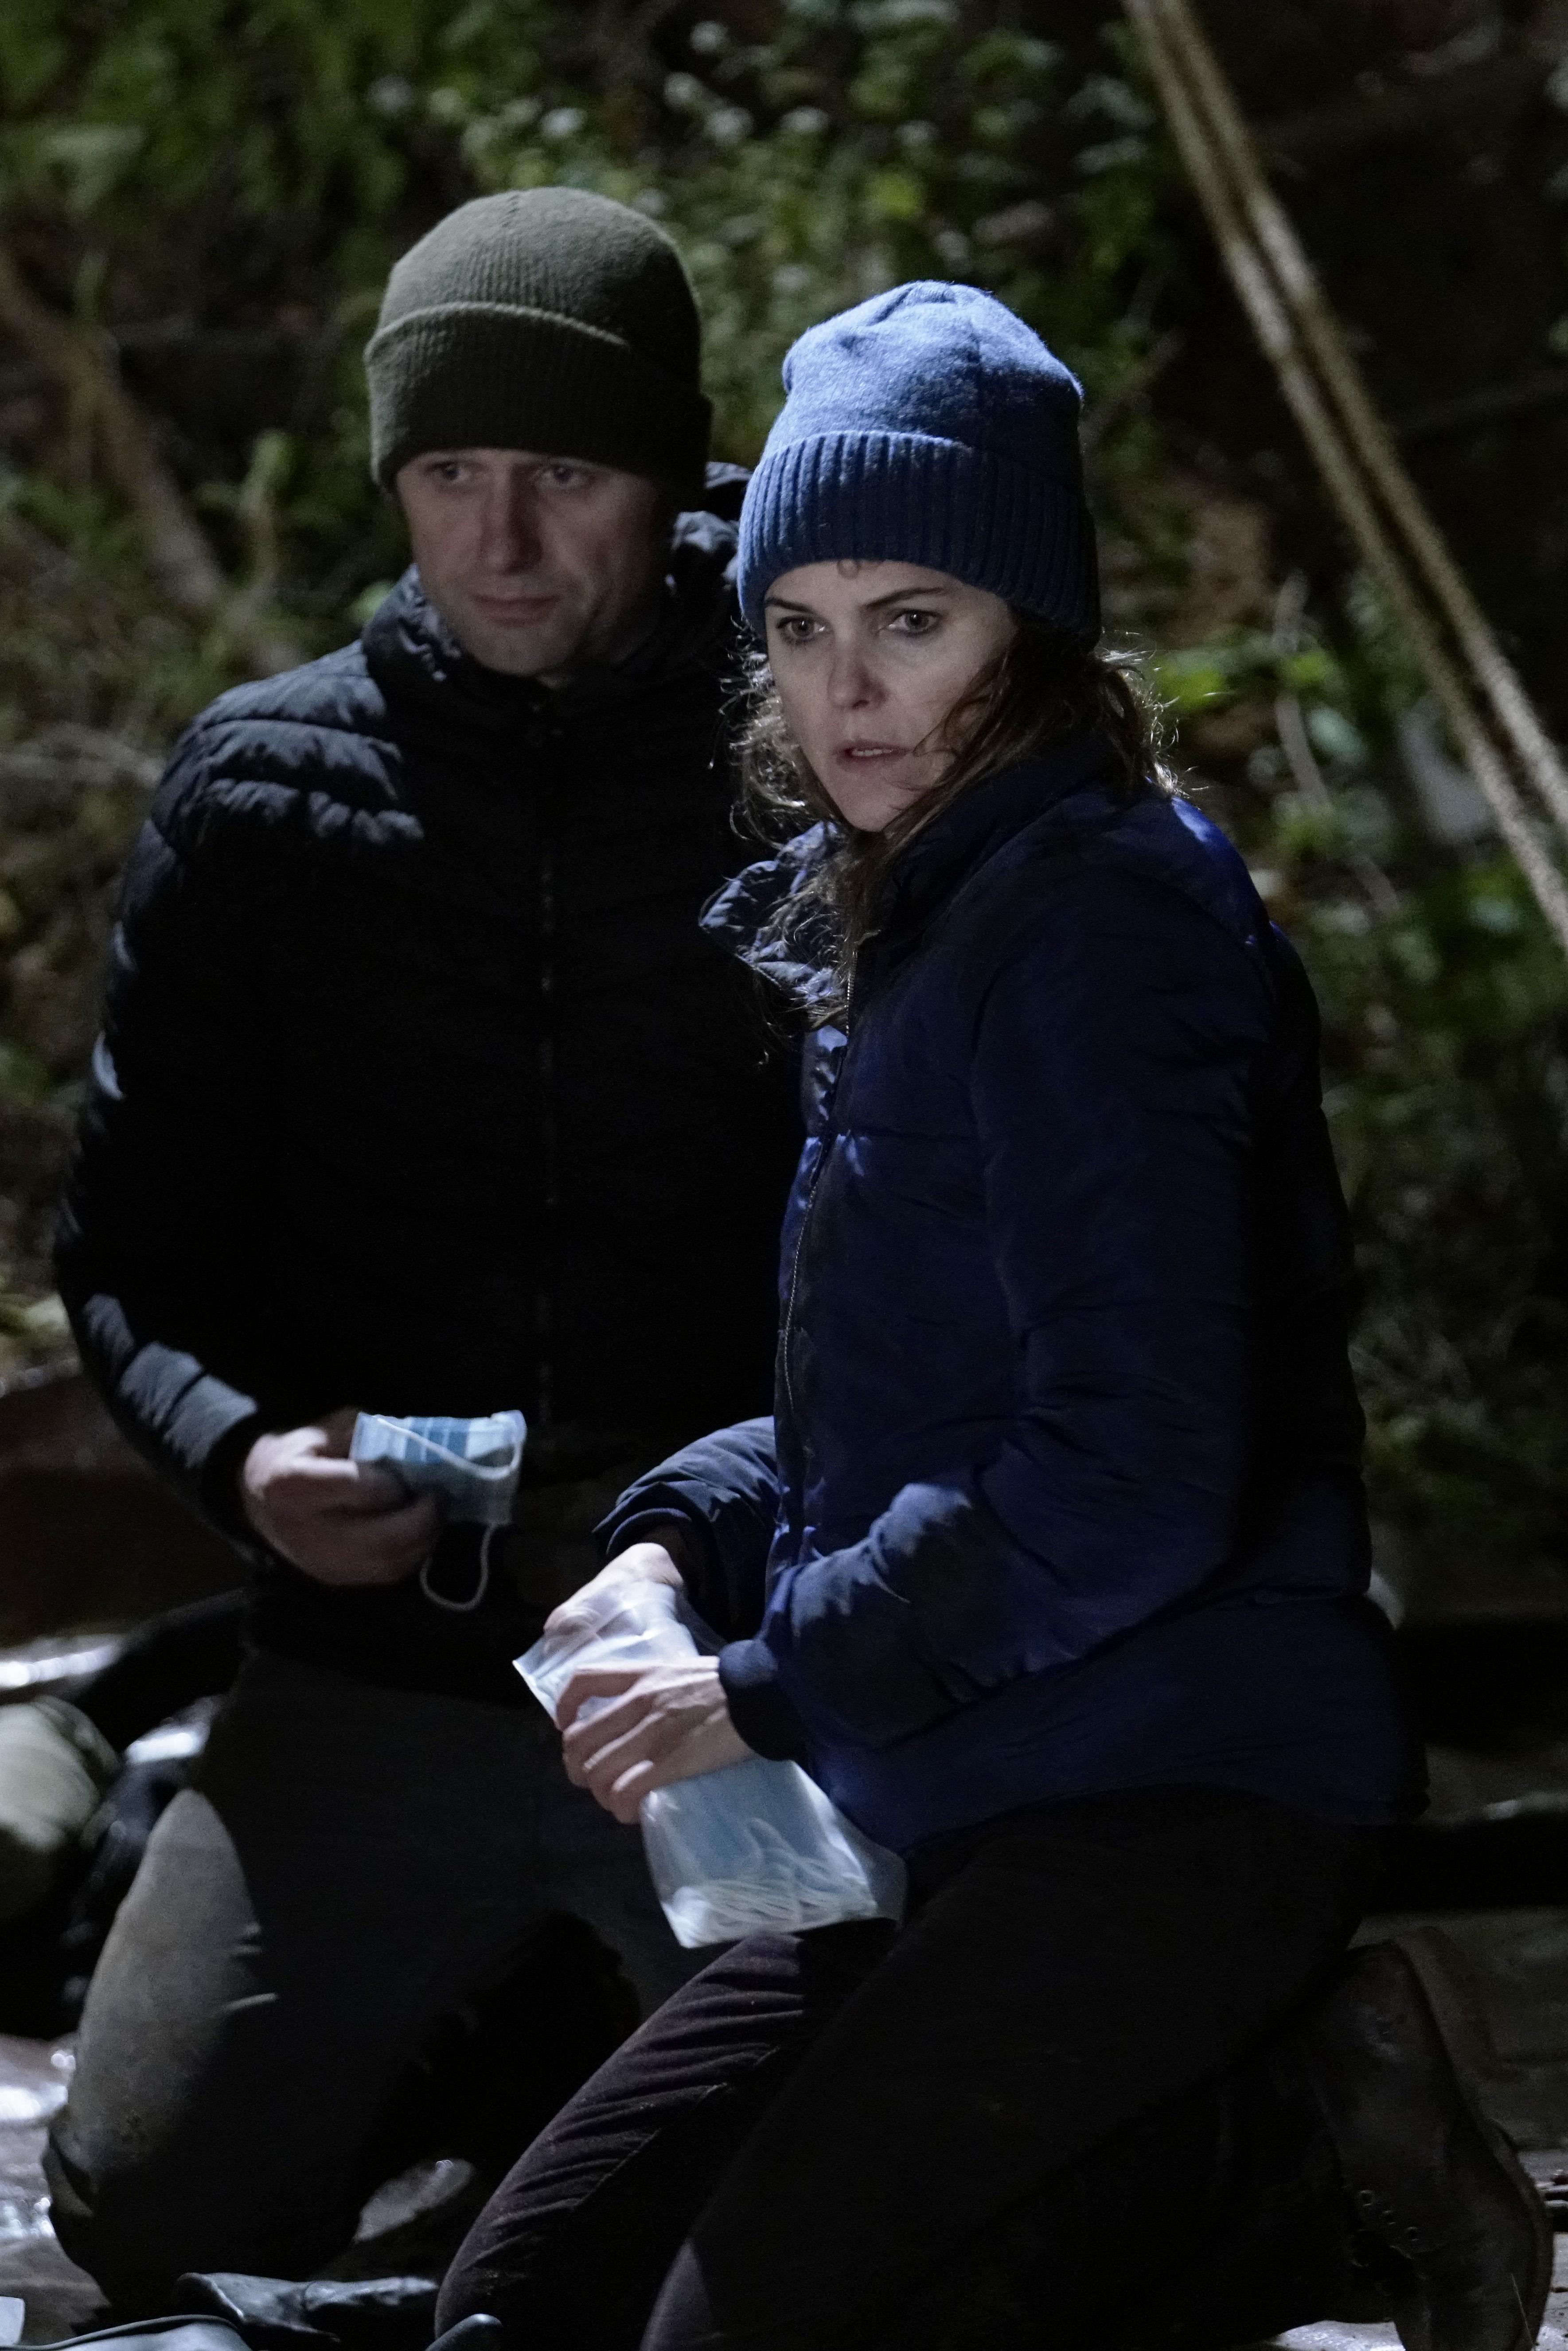 Matthew Rhys as Philip Jennings, Keri Russell as Elizabeth Jennings in season 5 of The Americans